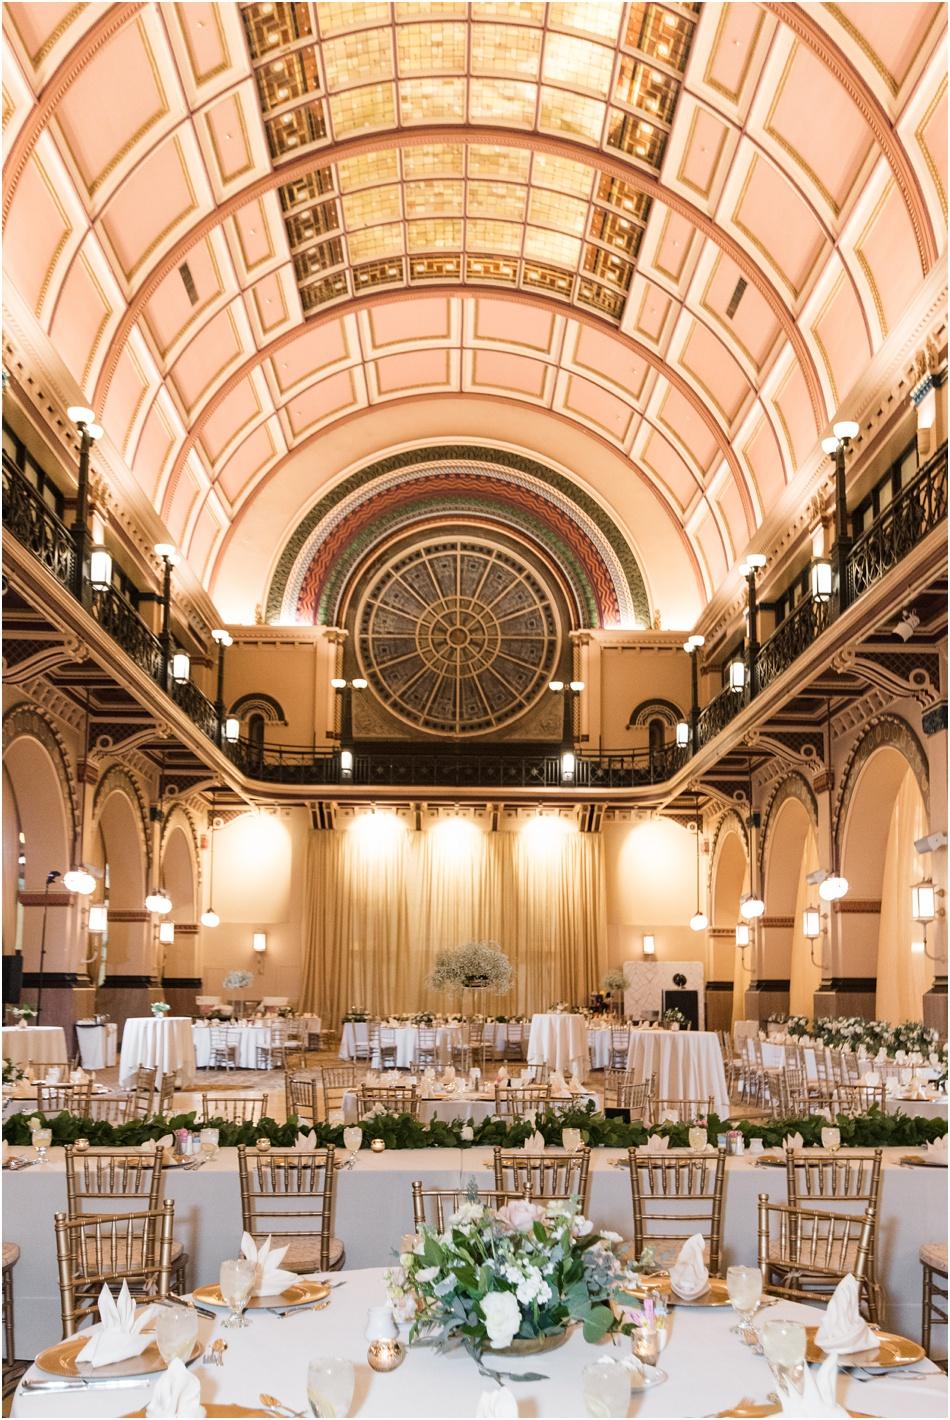 Crown-Plaza-Indianapolis-wedding-reception